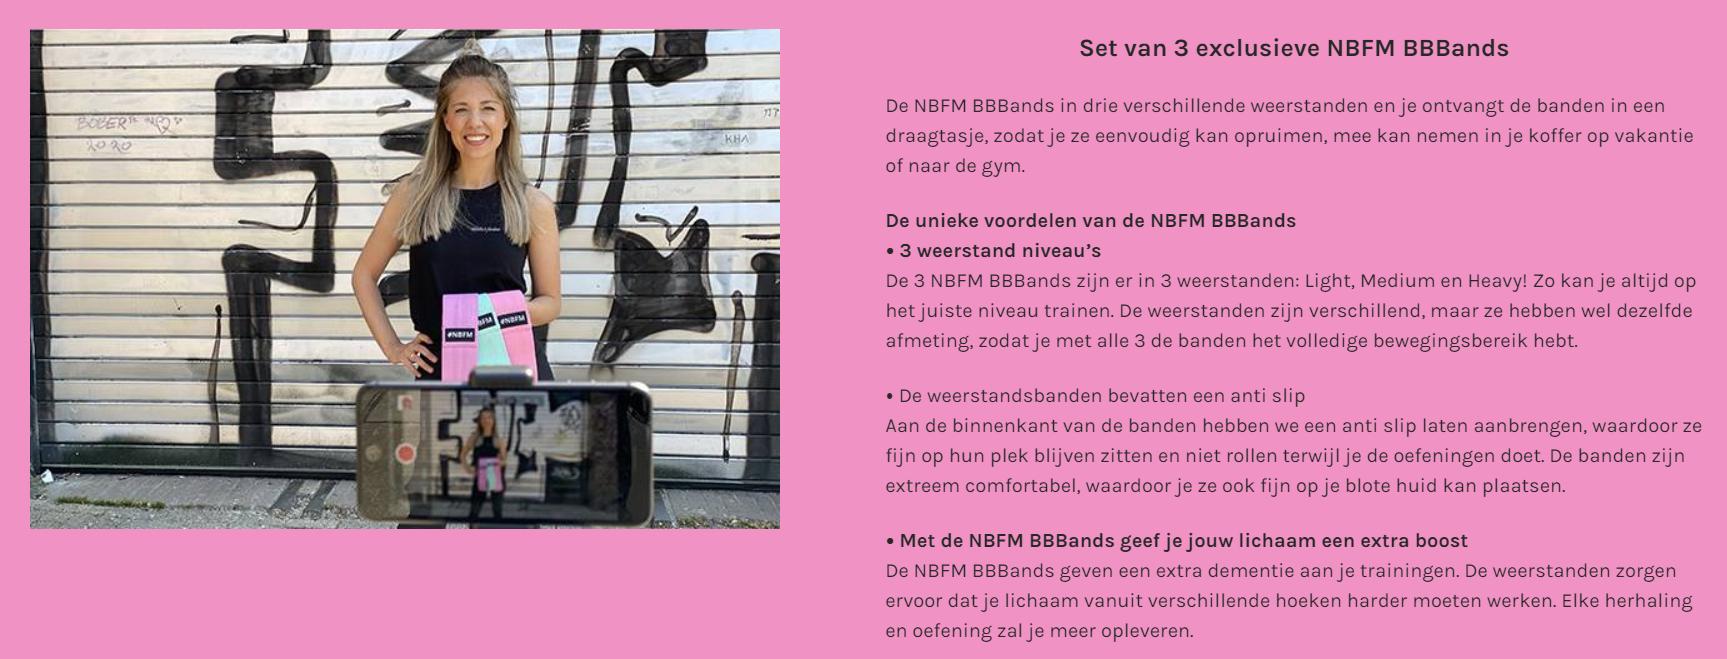 NBFM x Elisejoanne.nl  - Ik doe mee aan de 21 dagen Buik-Billen-Benen Challenge!